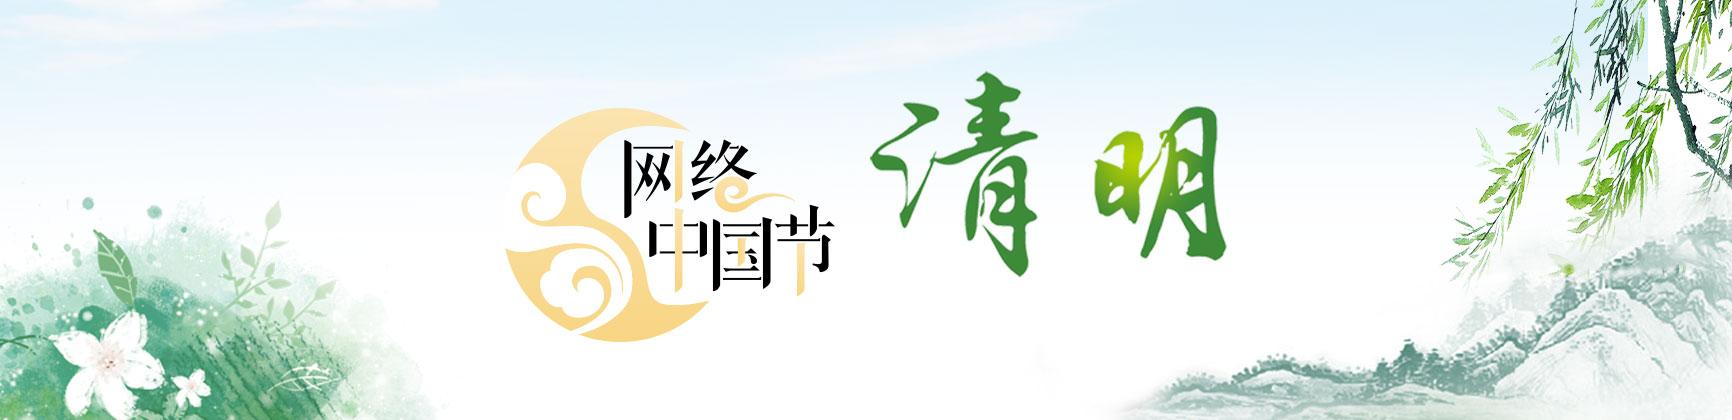 4-3网络中国节·清明